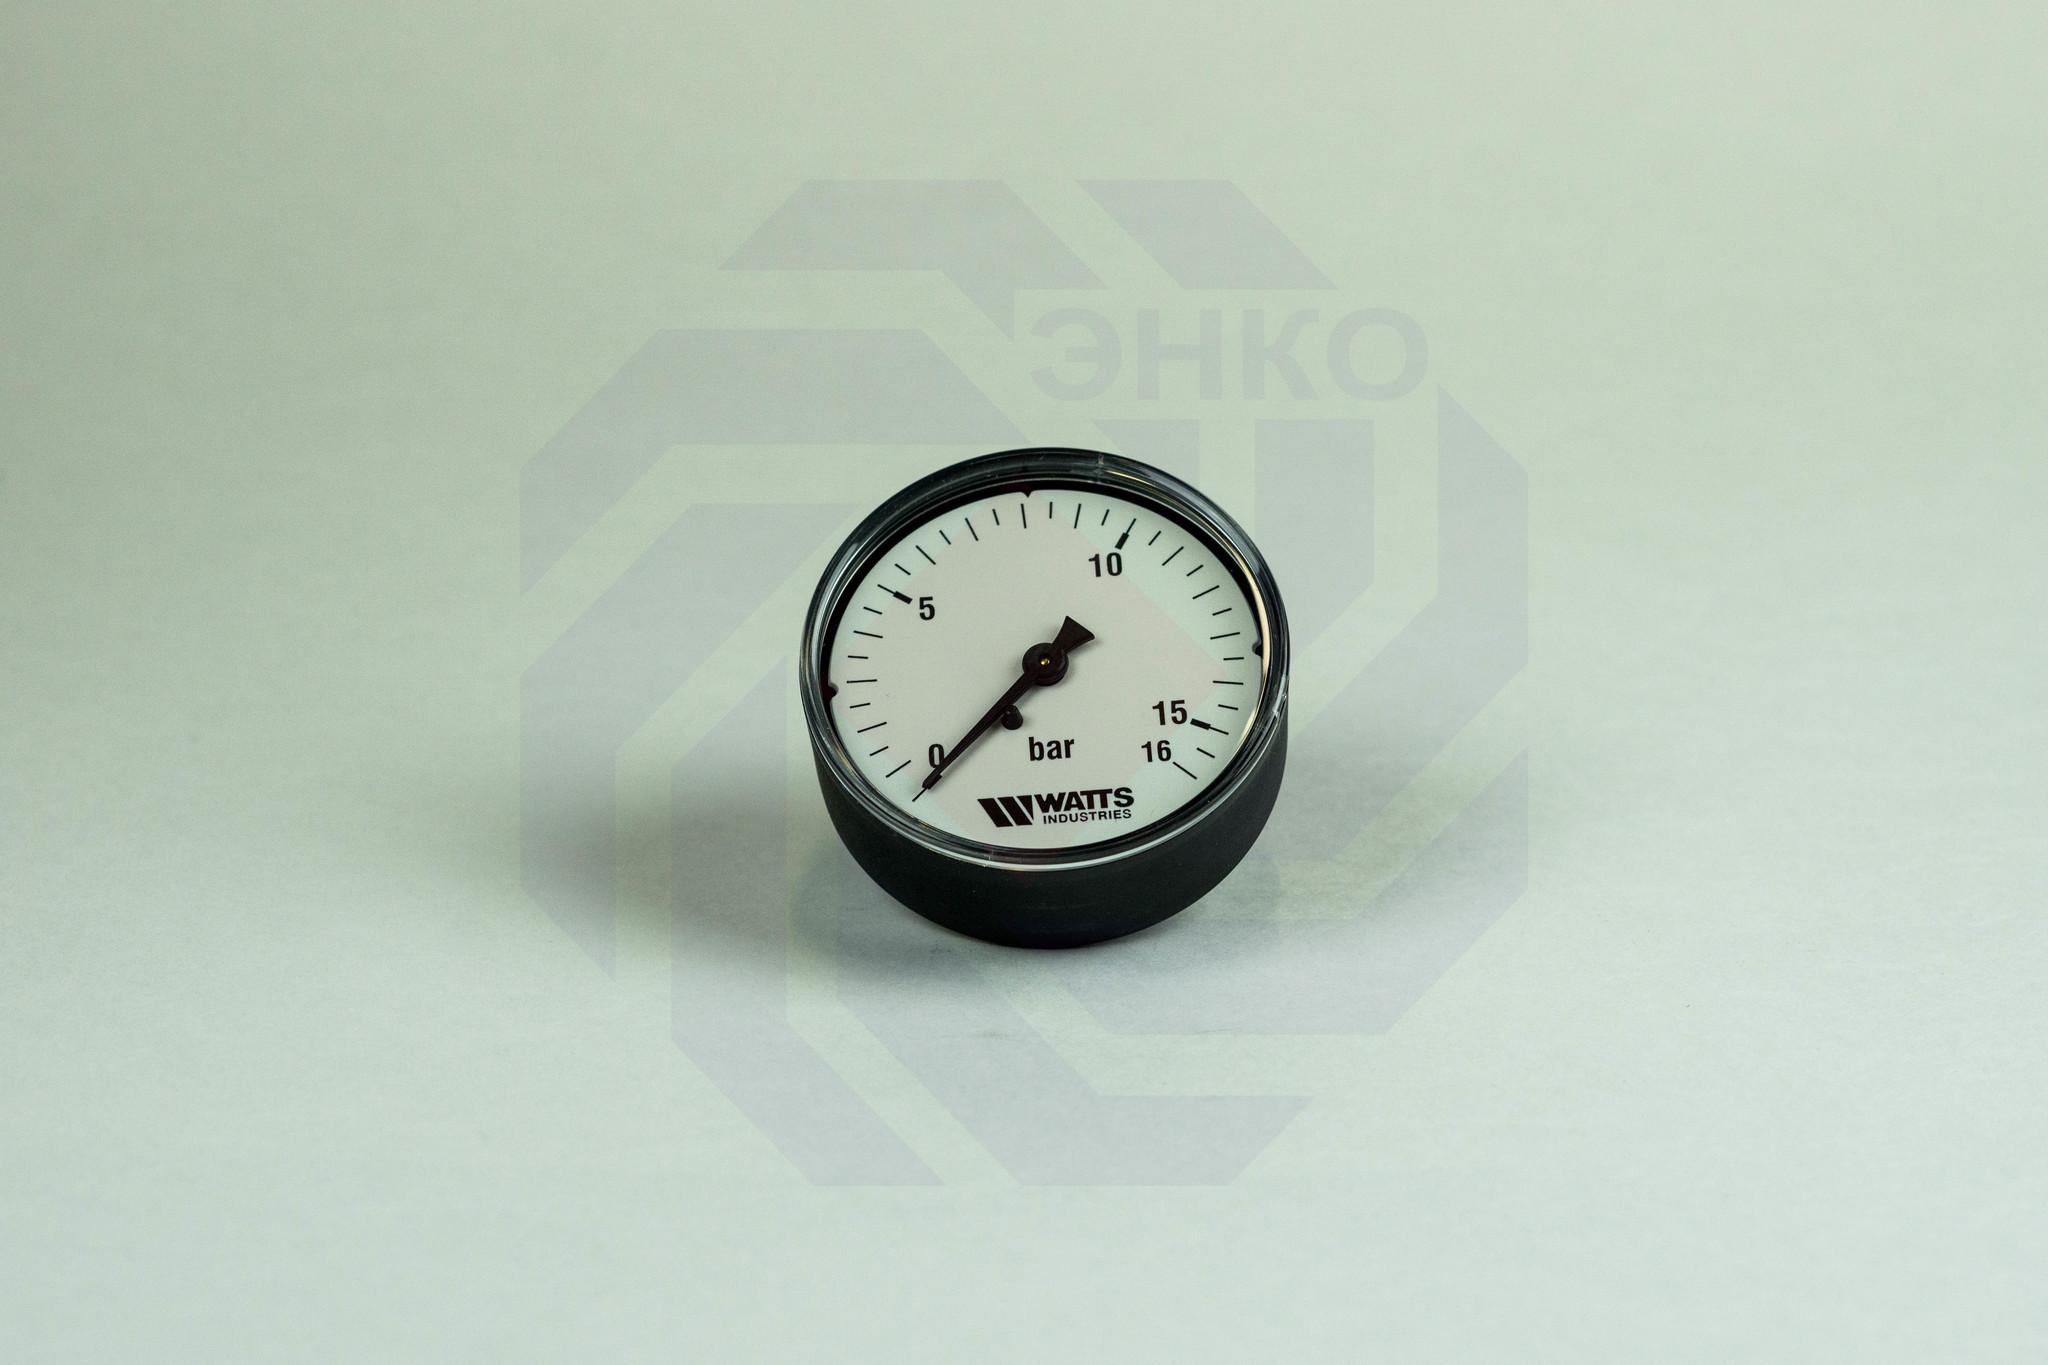 Манометр аксиальный WATTS MDA 63/16 (F+R100) 0-16 бар 63 мм ¼